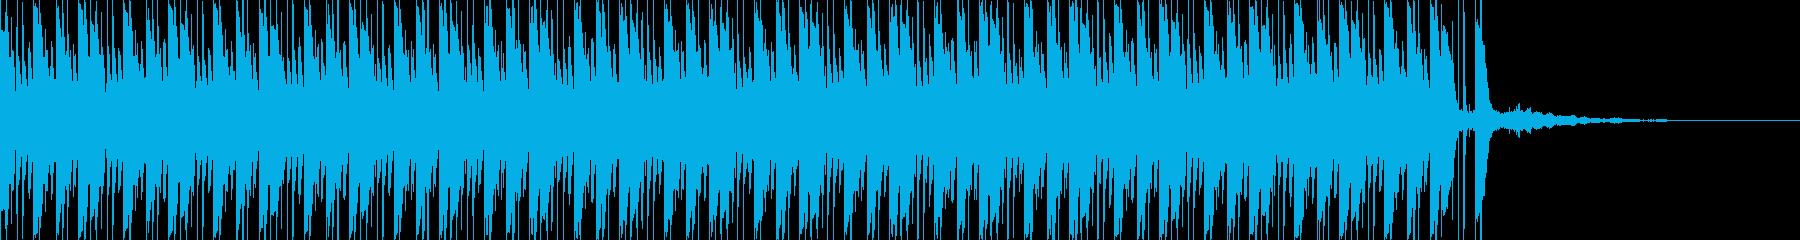 エレクトロビートとノイズの再生済みの波形